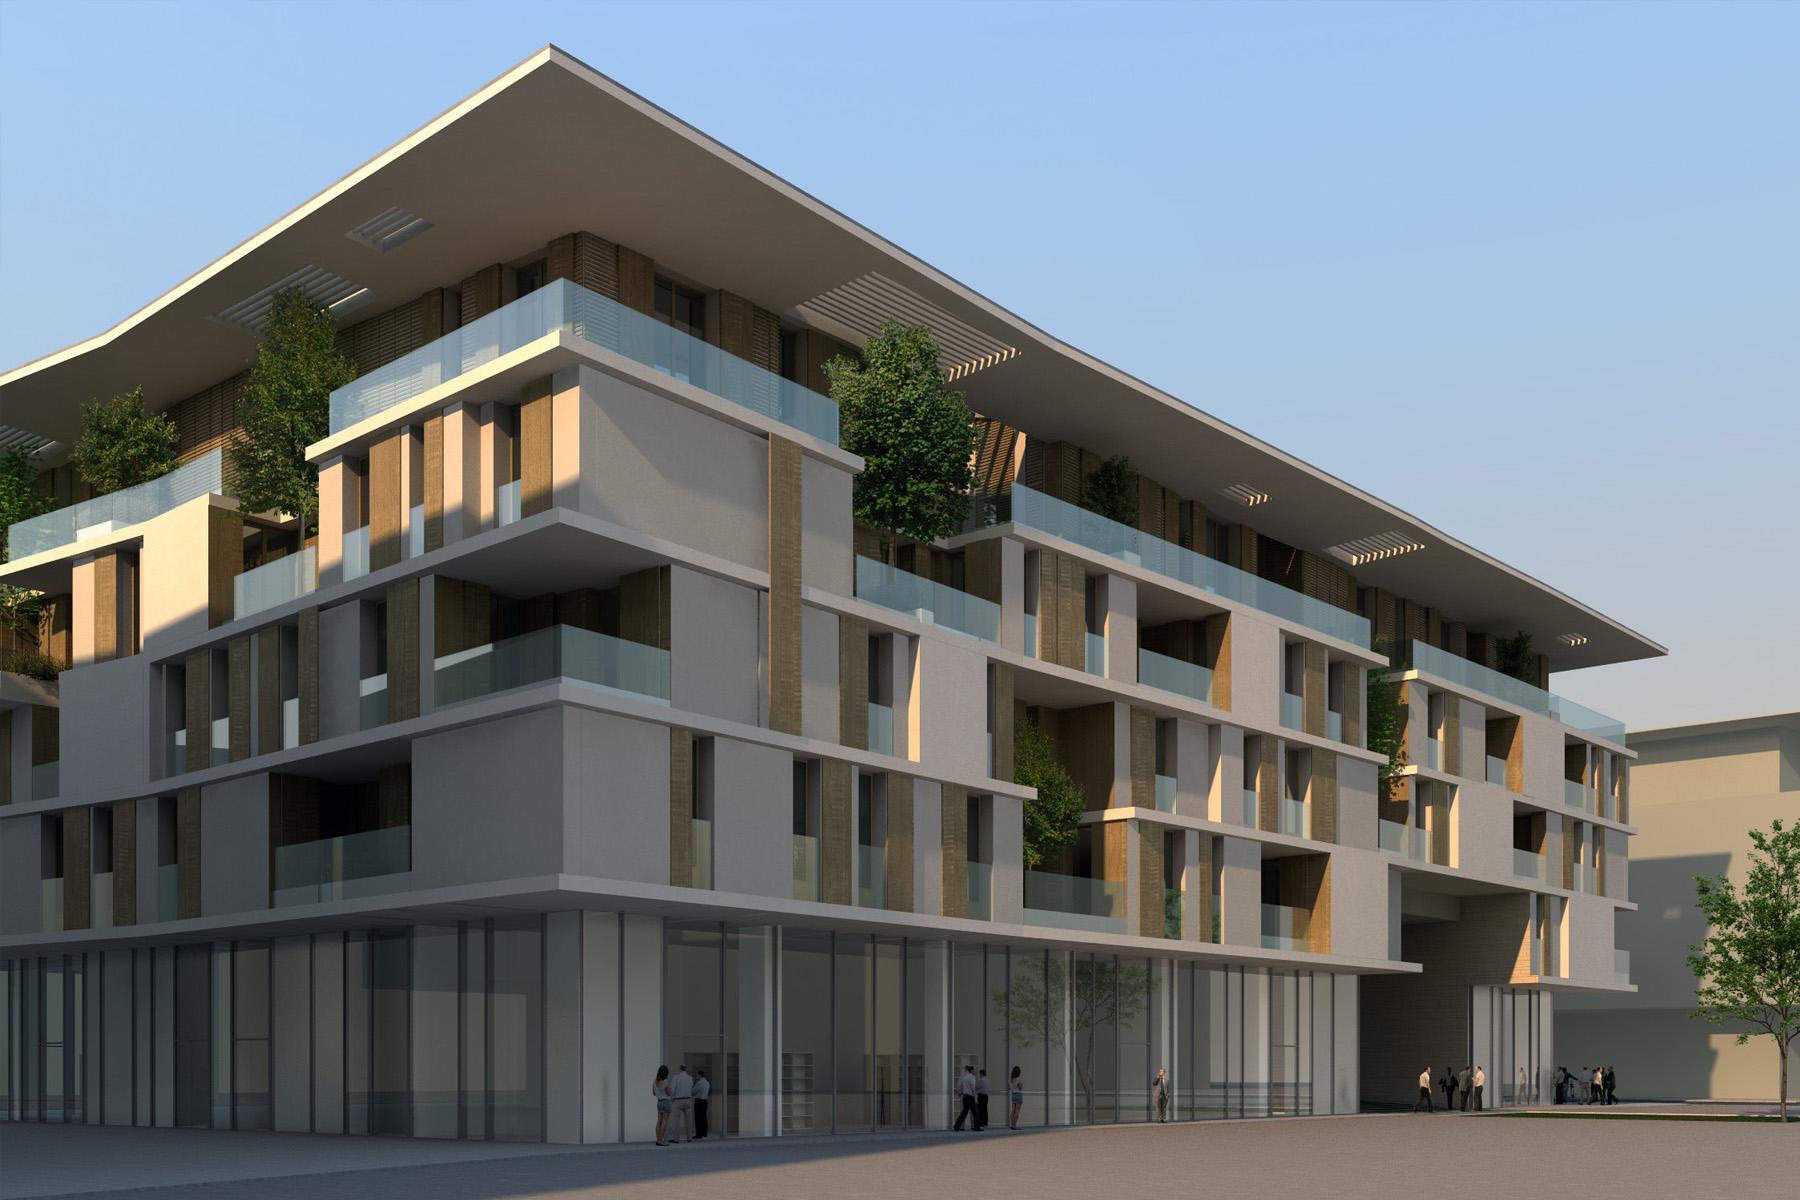 Alessandro bucci architetti for Piani di costruzione di edifici residenziali in metallo